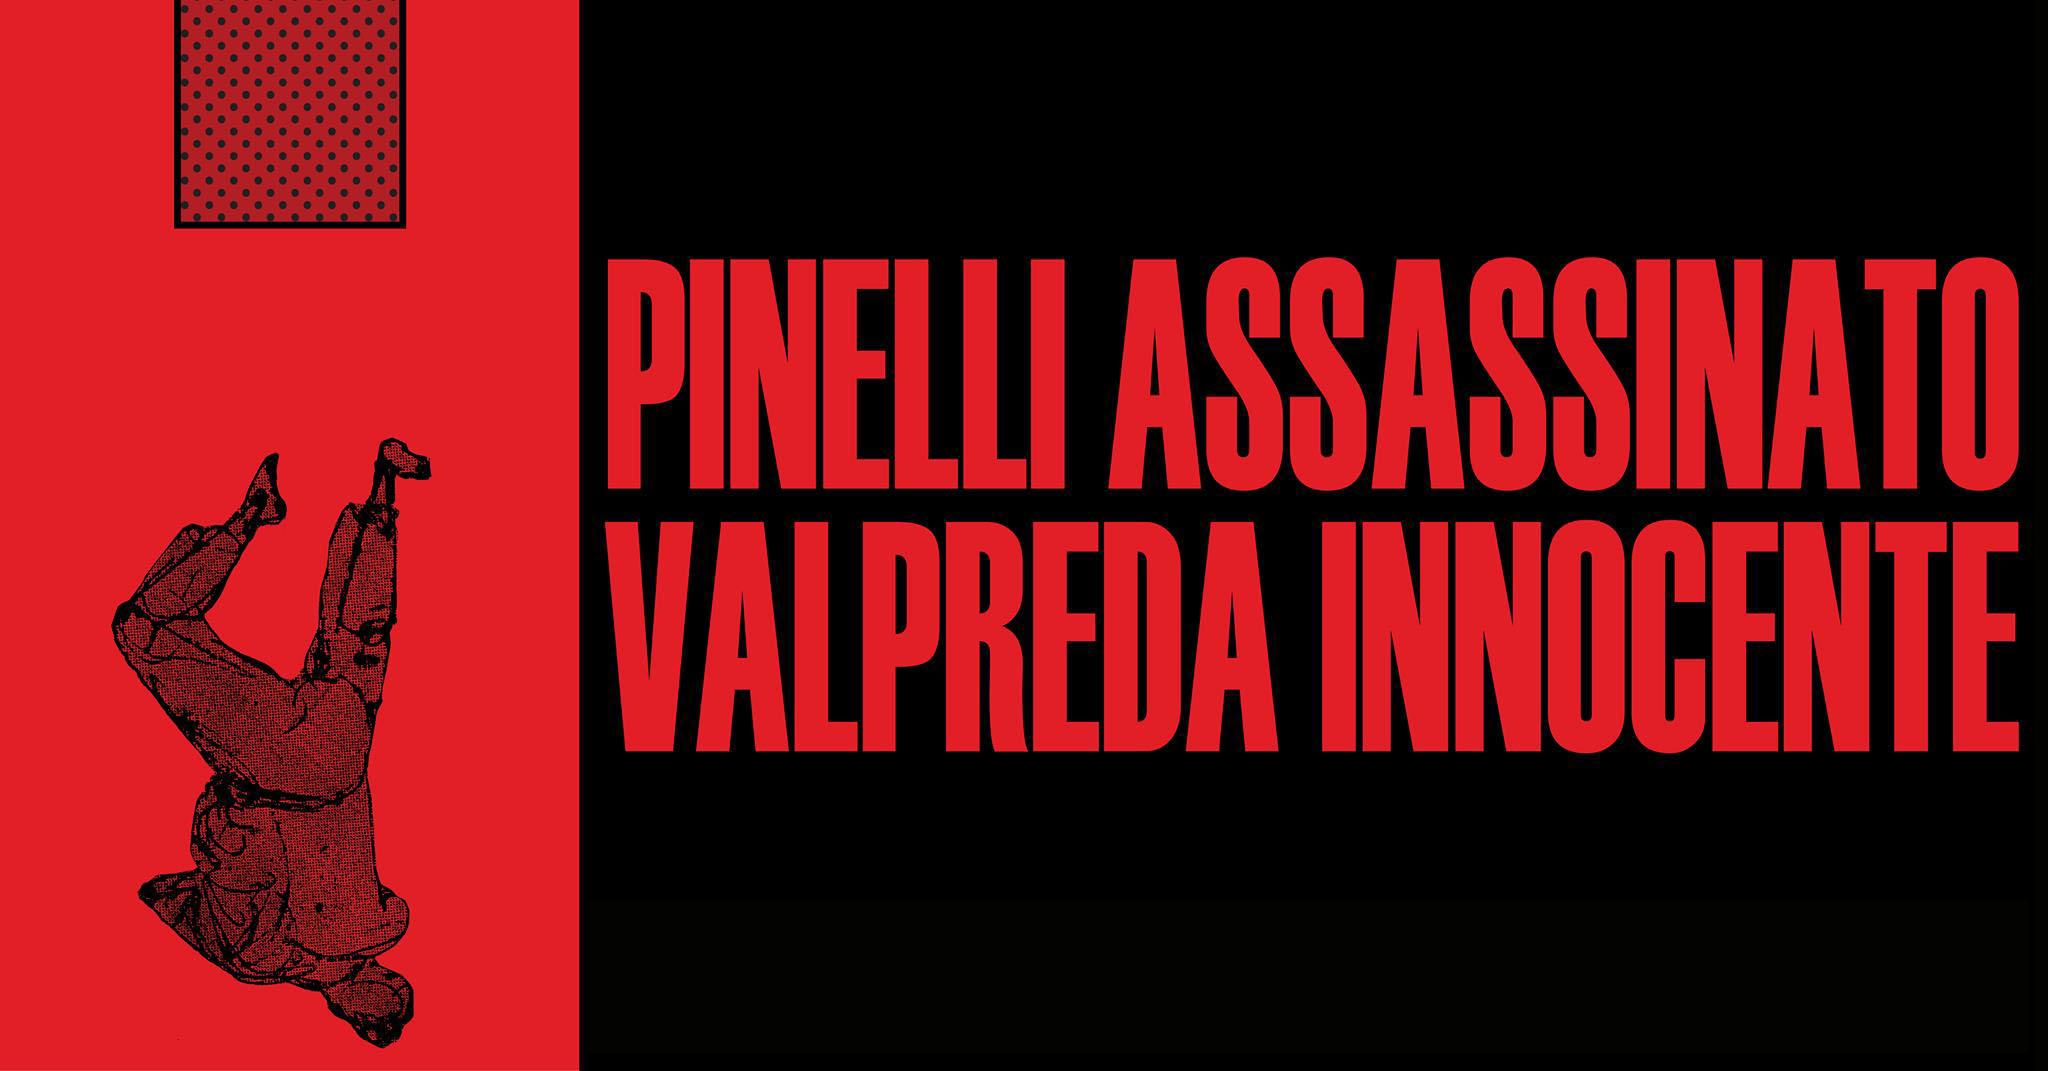 15 dicembre pinelli assassinato valpreda innocente la strage è di stato